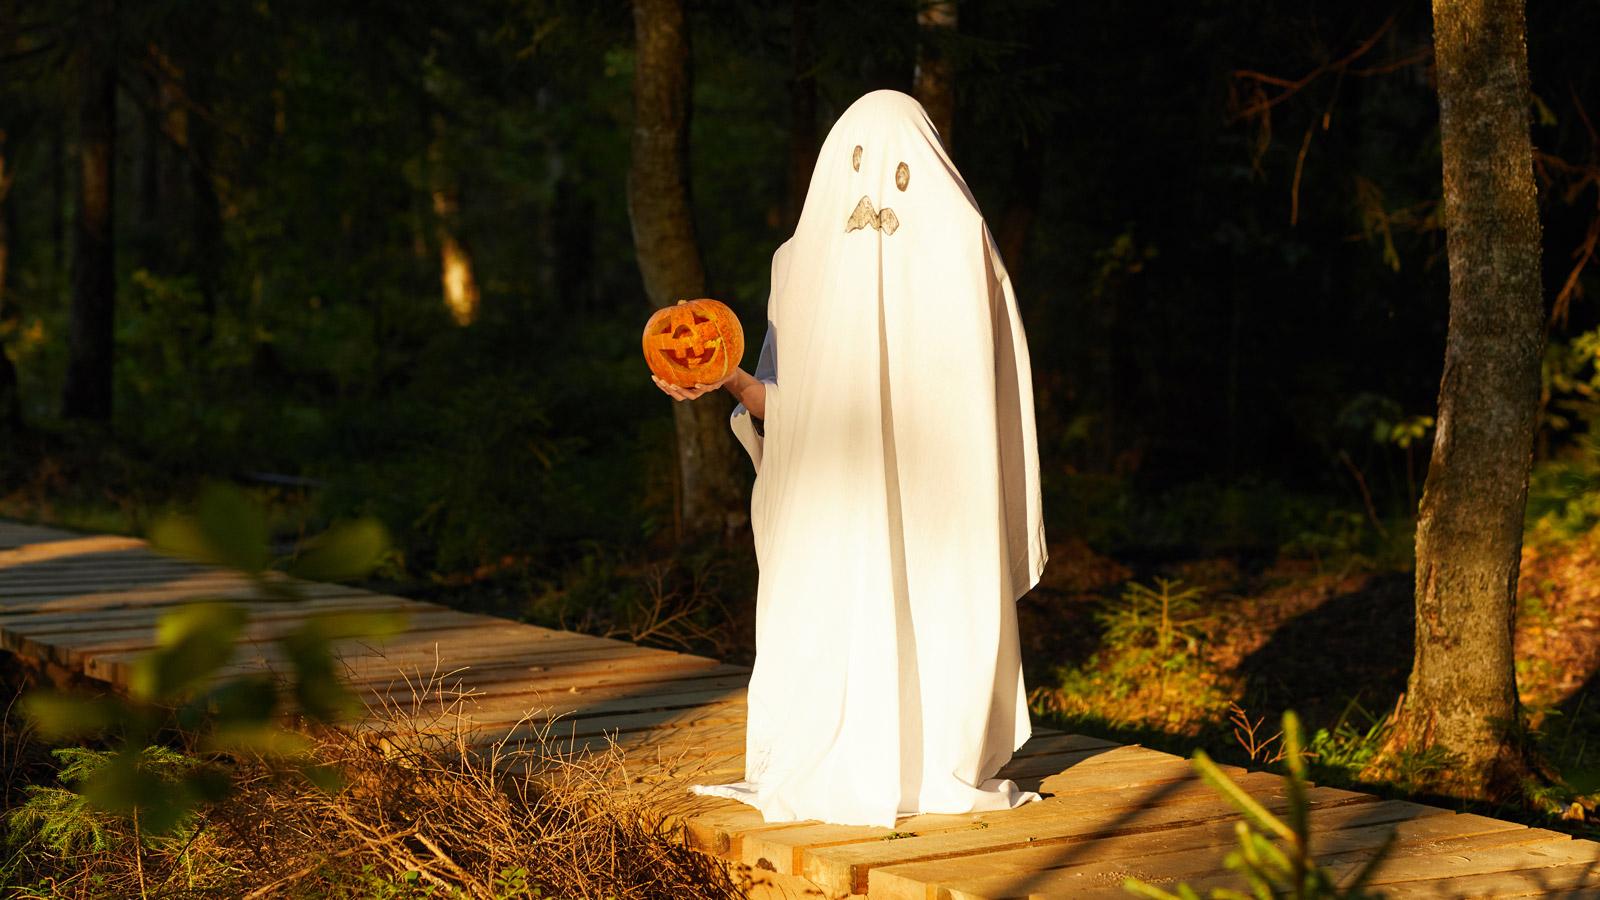 Jaki jest stosunek Polaków do Halloween? Polacy mediarun spooky halloween 2019